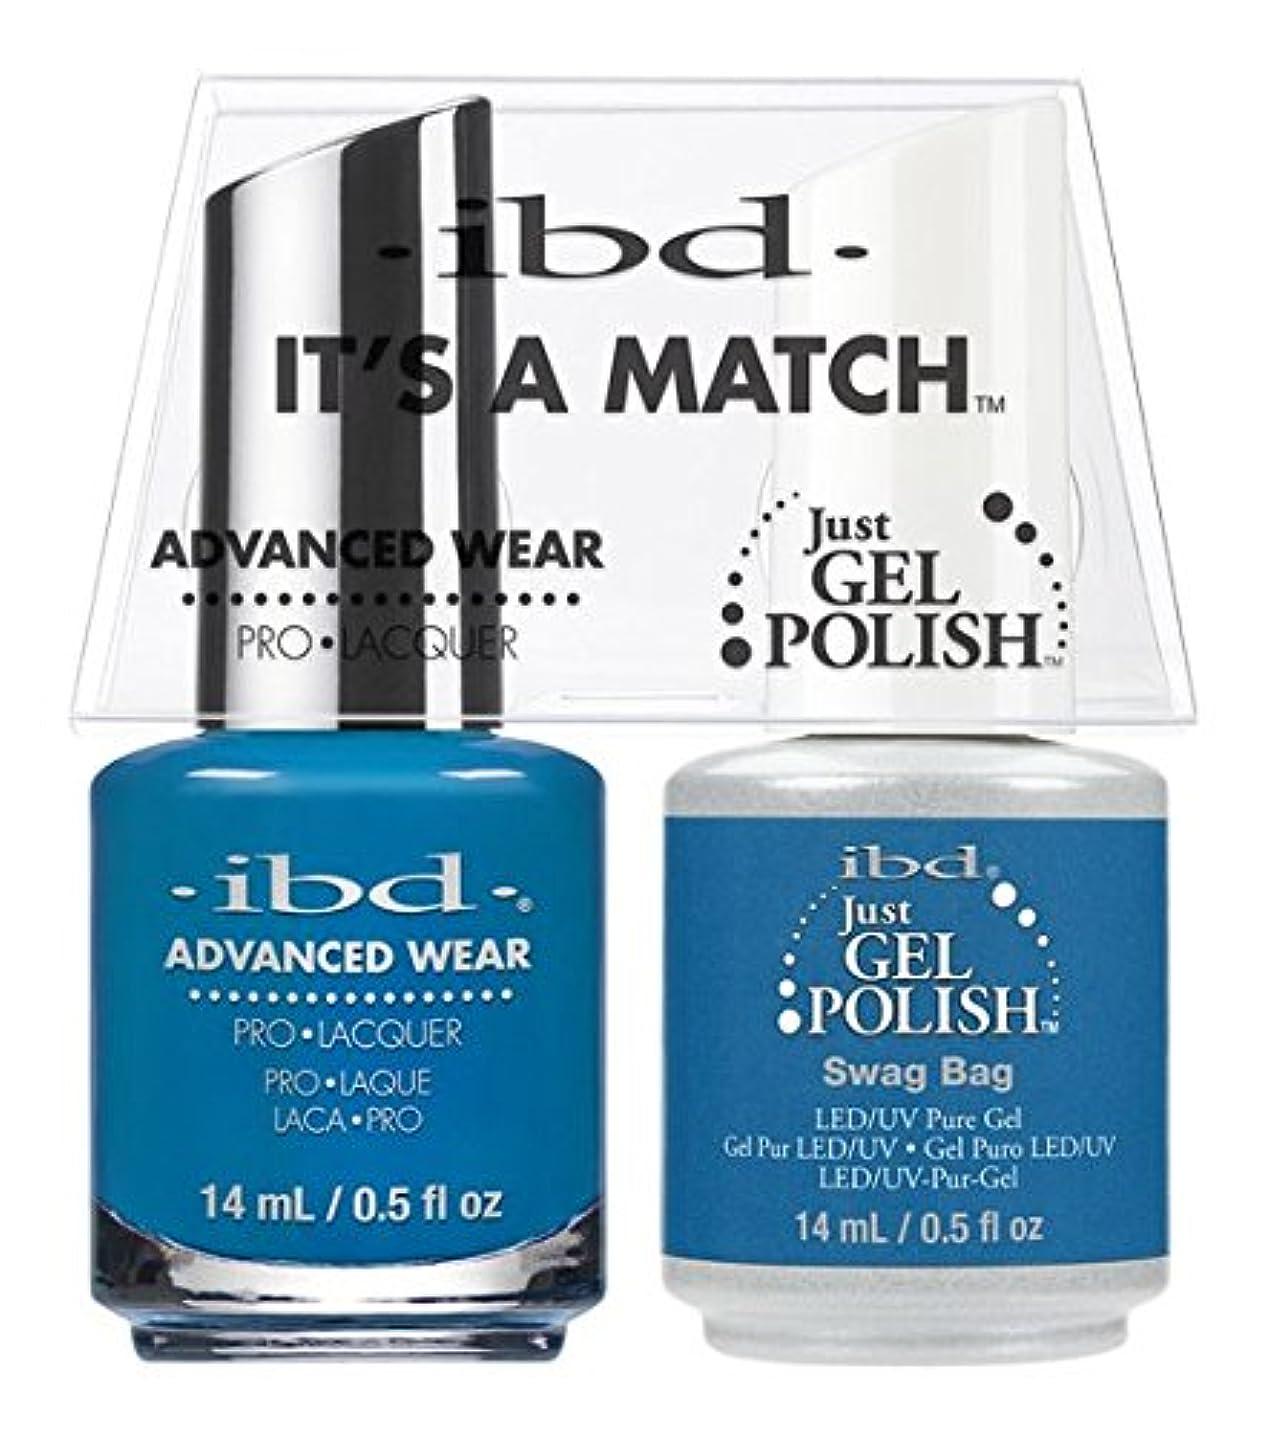 モチーフ原稿かまどibd - It's A Match -Duo Pack- Swag Bag - 14 mL / 0.5 oz Each